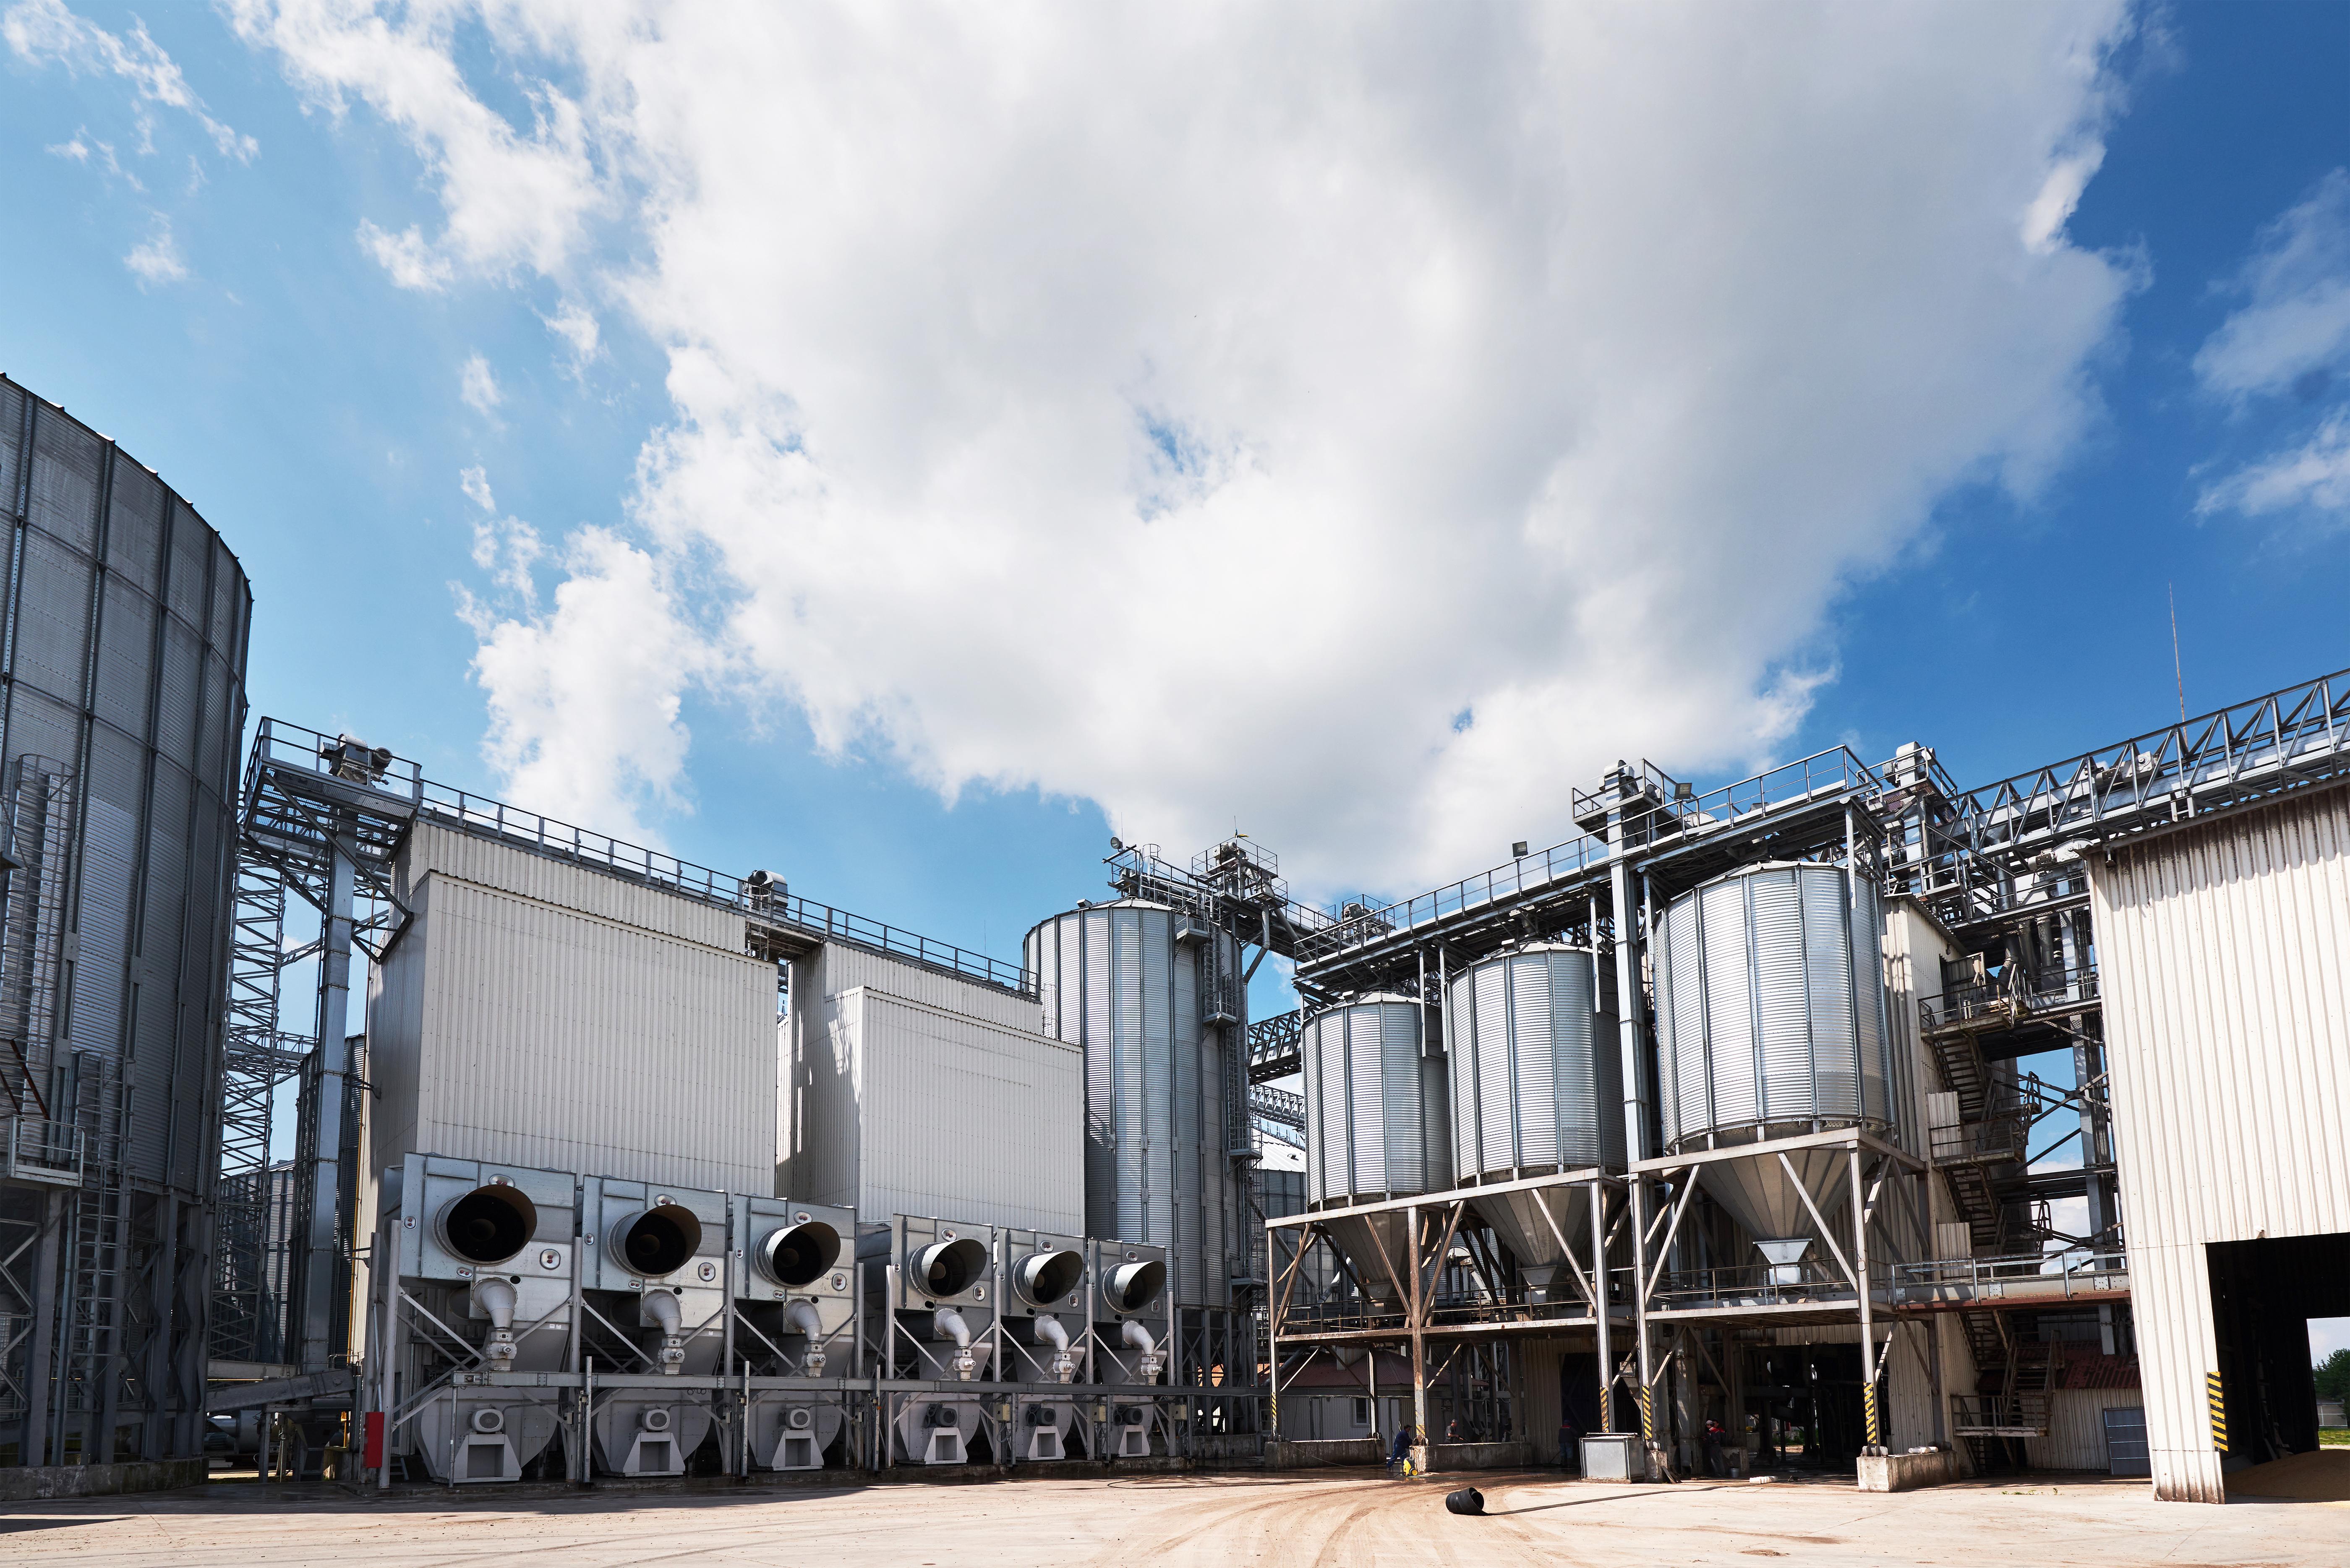 ¿Cómo un proveedor de válvulas brinda oportunidades de crecimiento internacional?